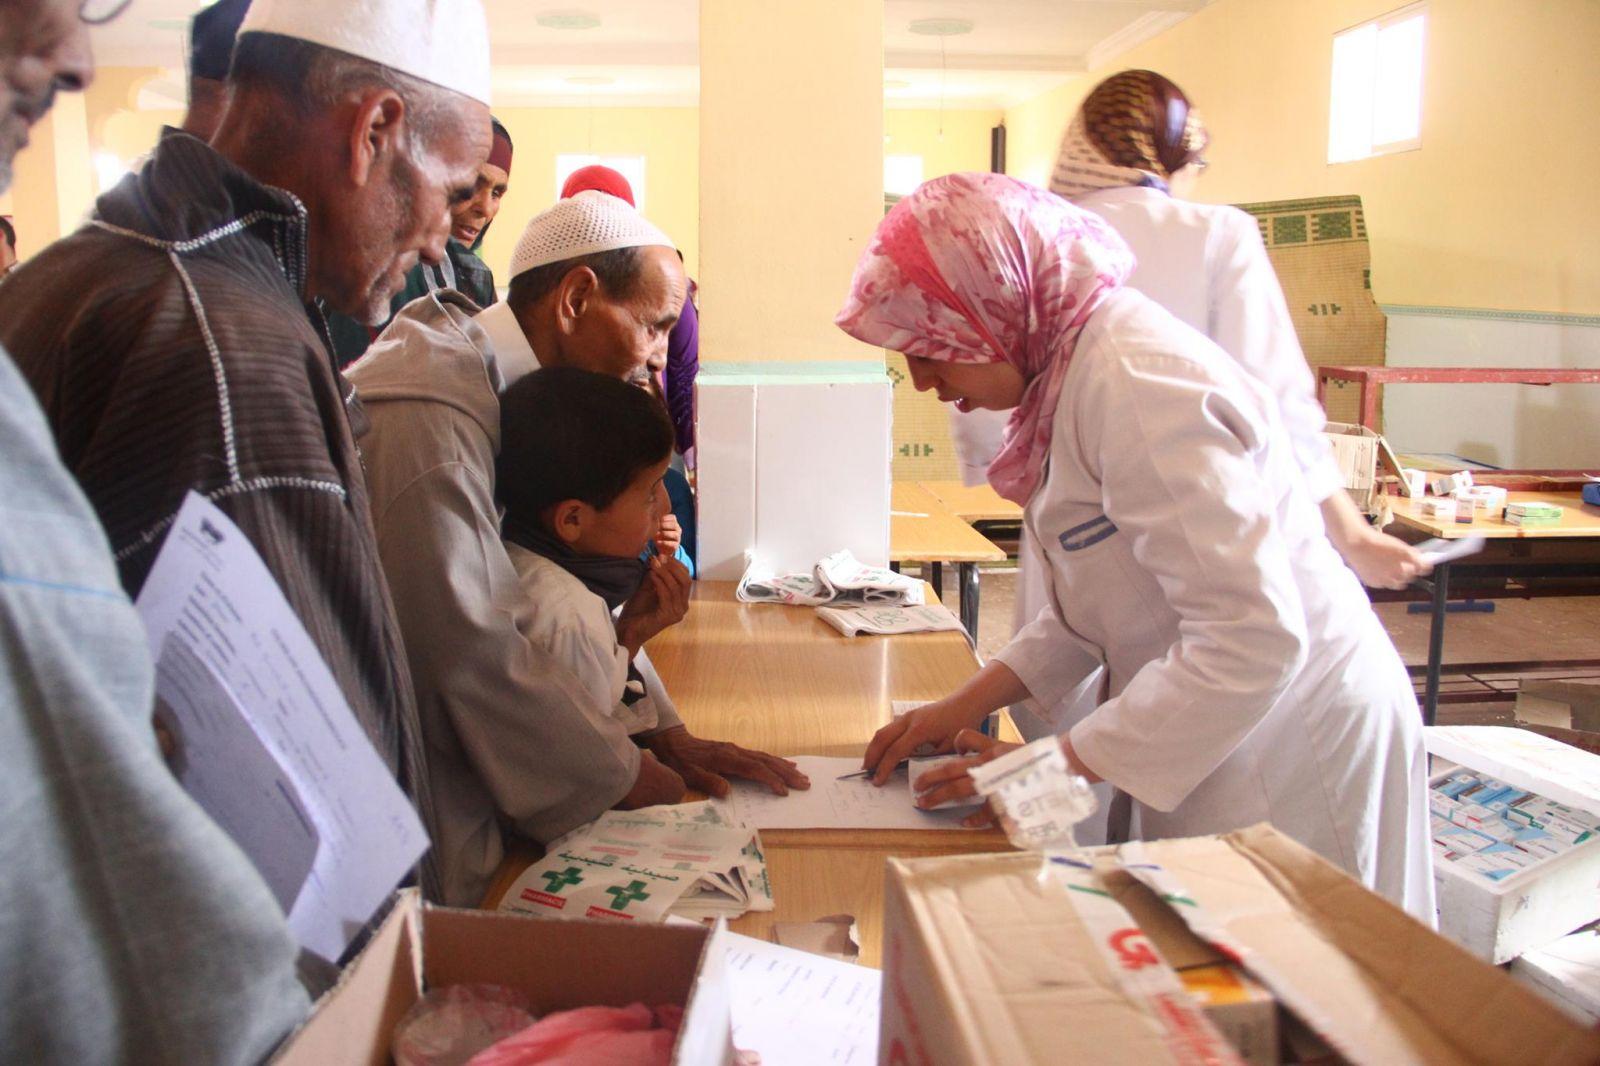 قافلة طبية بمستشفى القرنة برعاية شيخ الأزهر